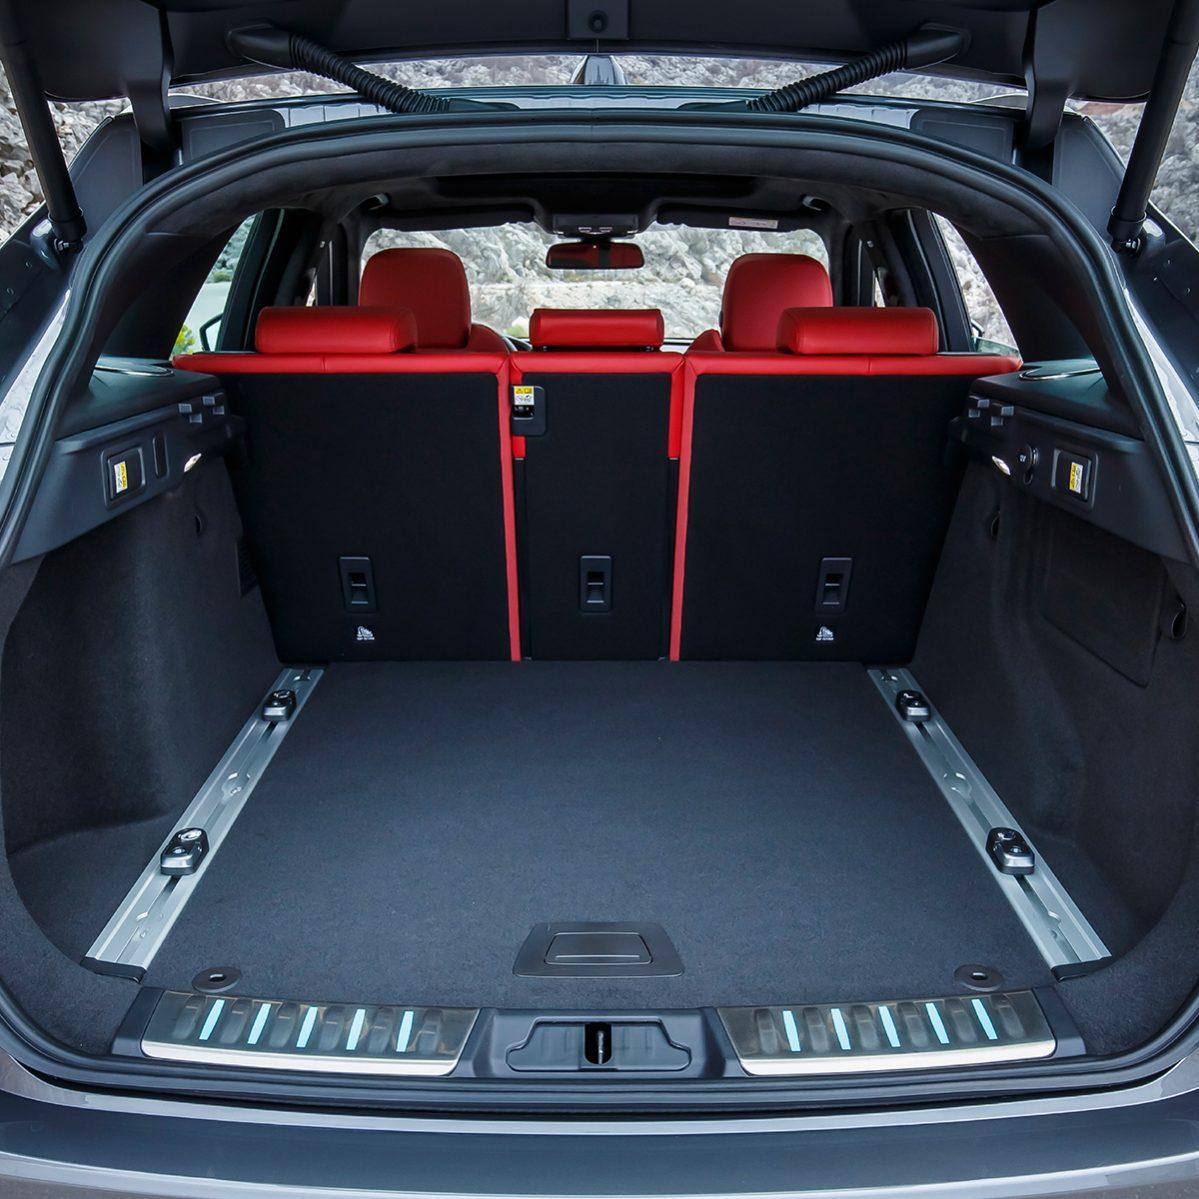 Jaguar F Pace Cheap Interior: Stewart's Automotive Group